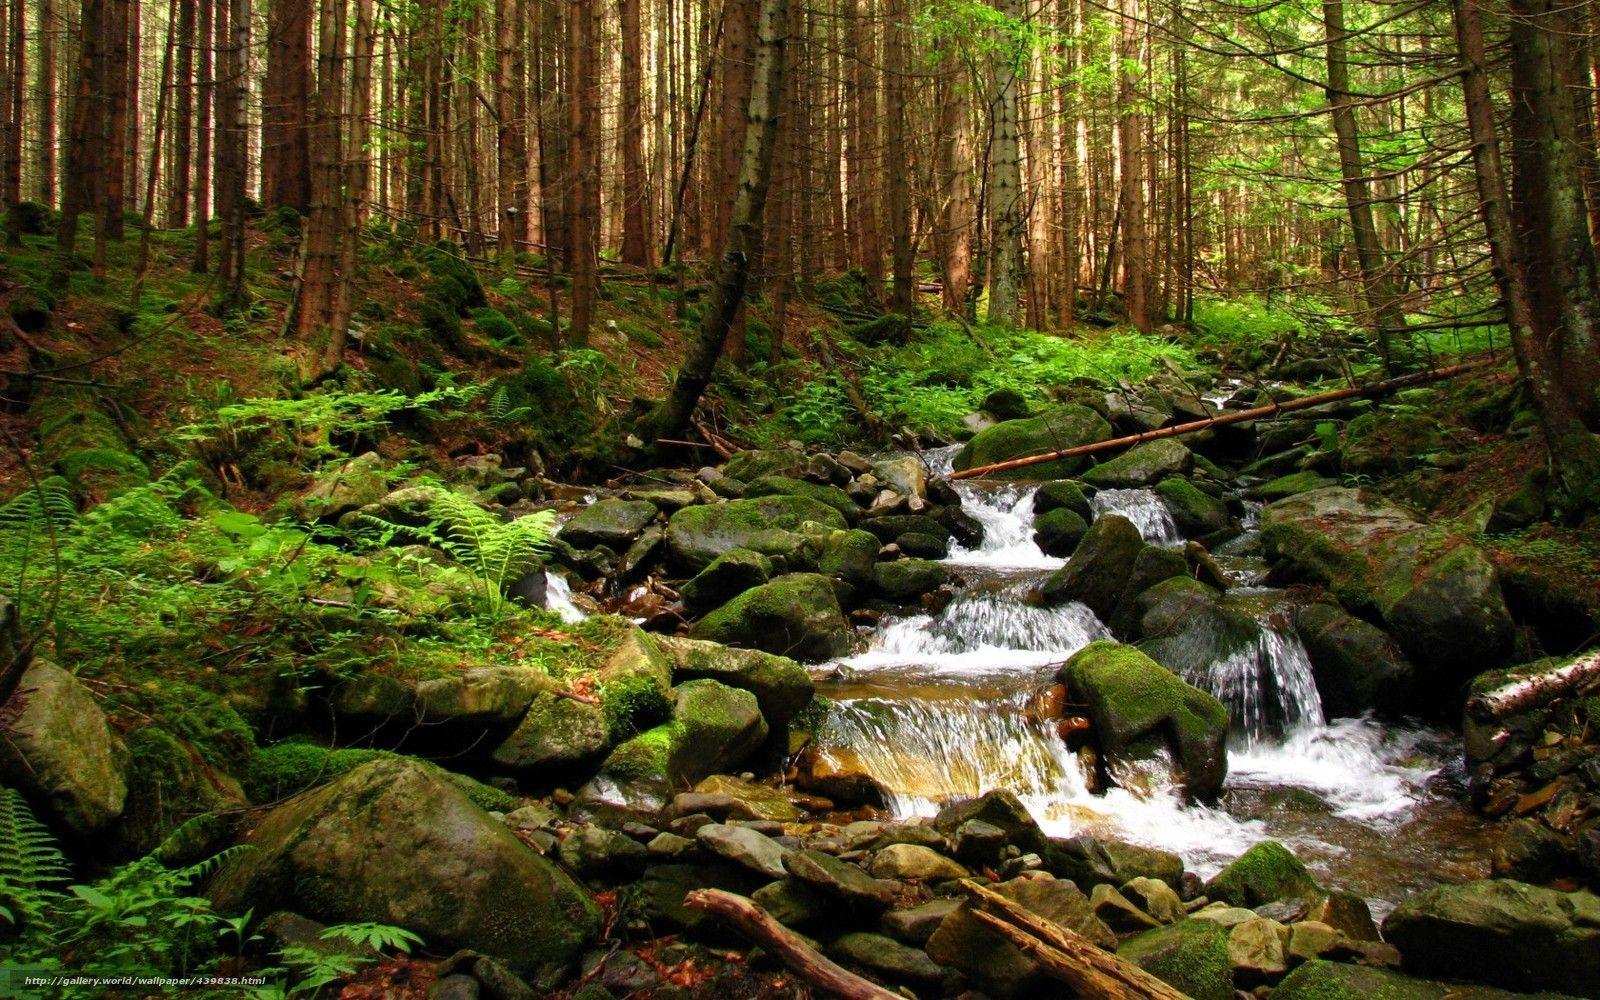 Pobra Tapety Ukraina Gorgan Zakarpacie Strumie Lasu Darmowe Tapety Na Pulpit Rozdzielczoci 1680x1050 Zdjcie 439838 Outdoor Outdoor Decor Waterfall